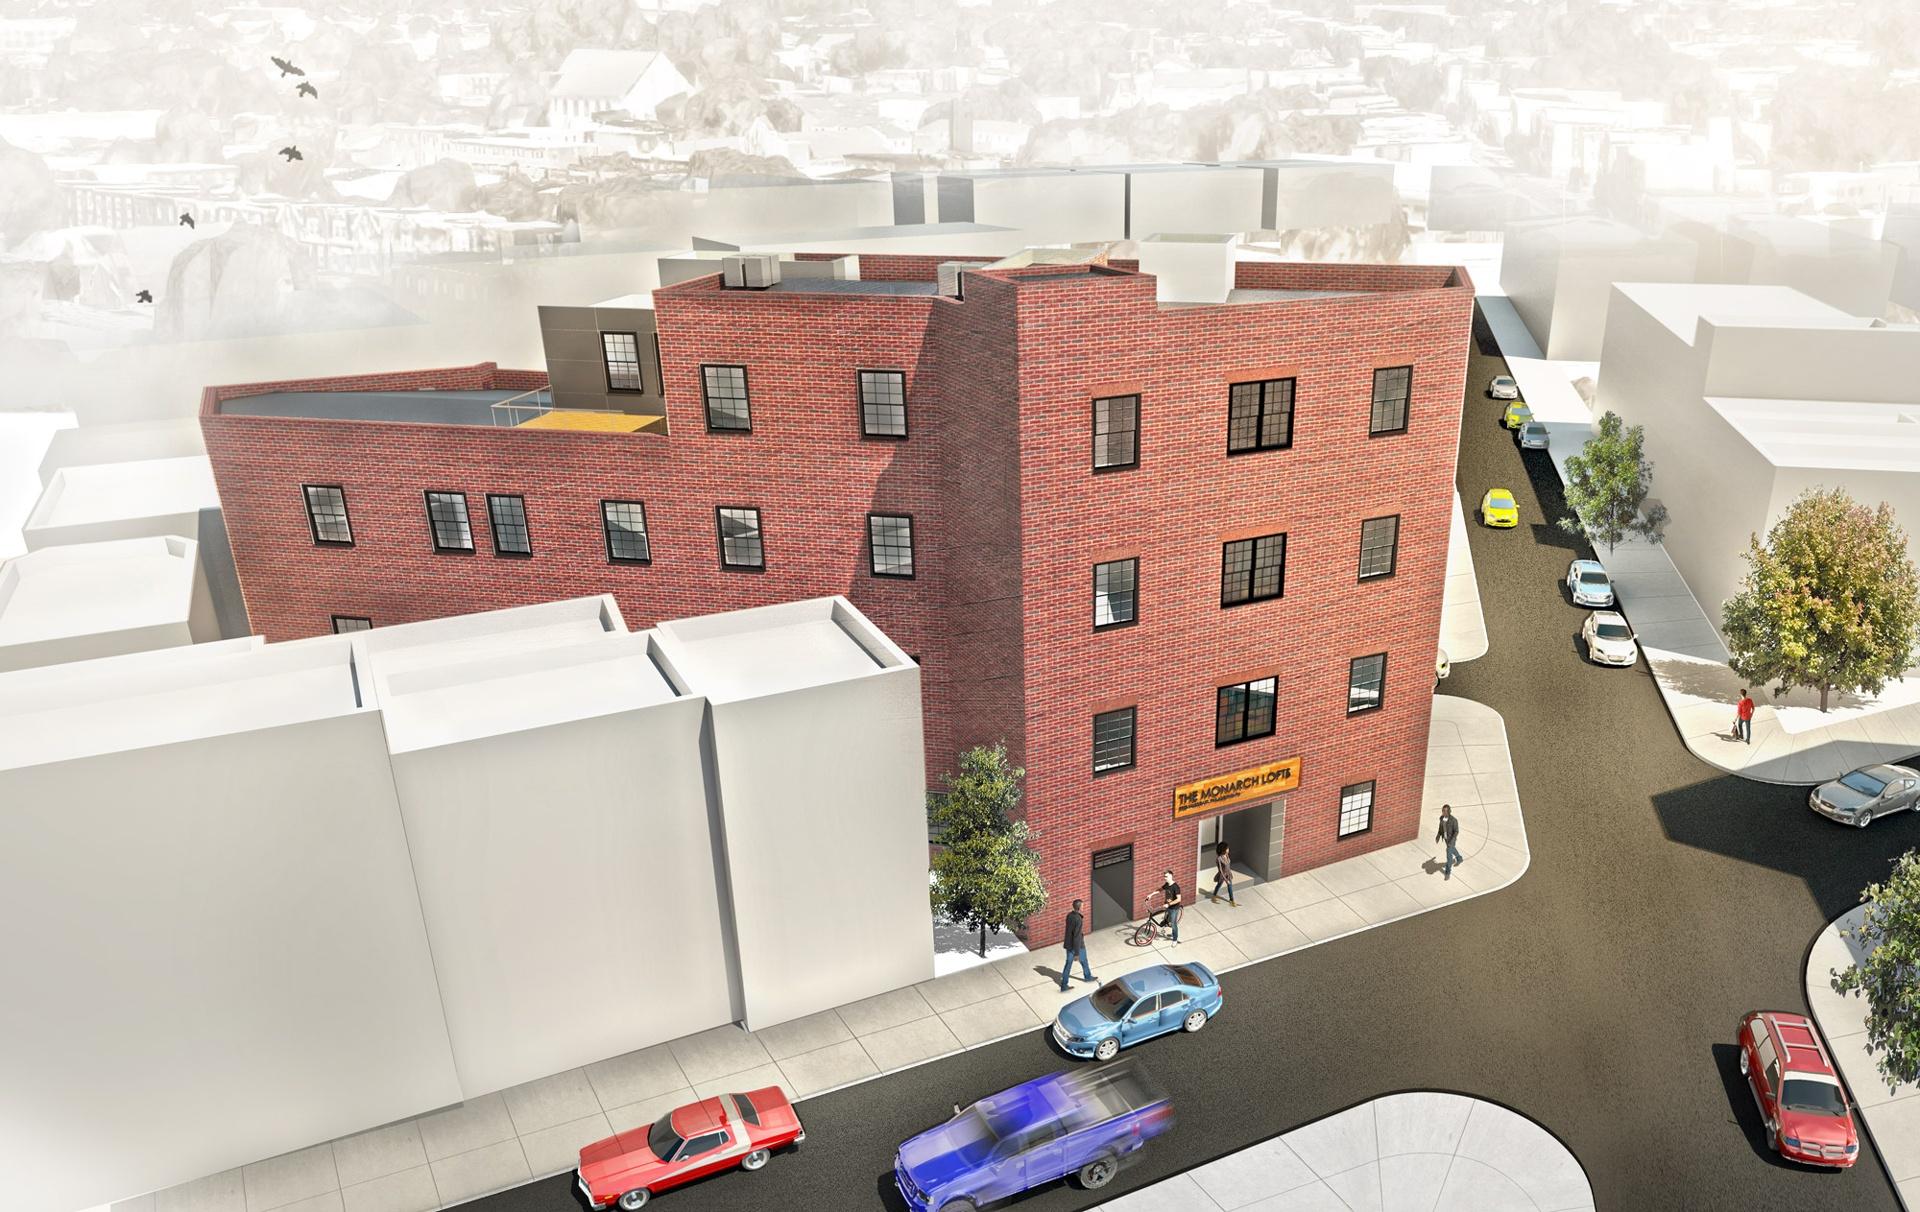 20 unit apartment building renovation